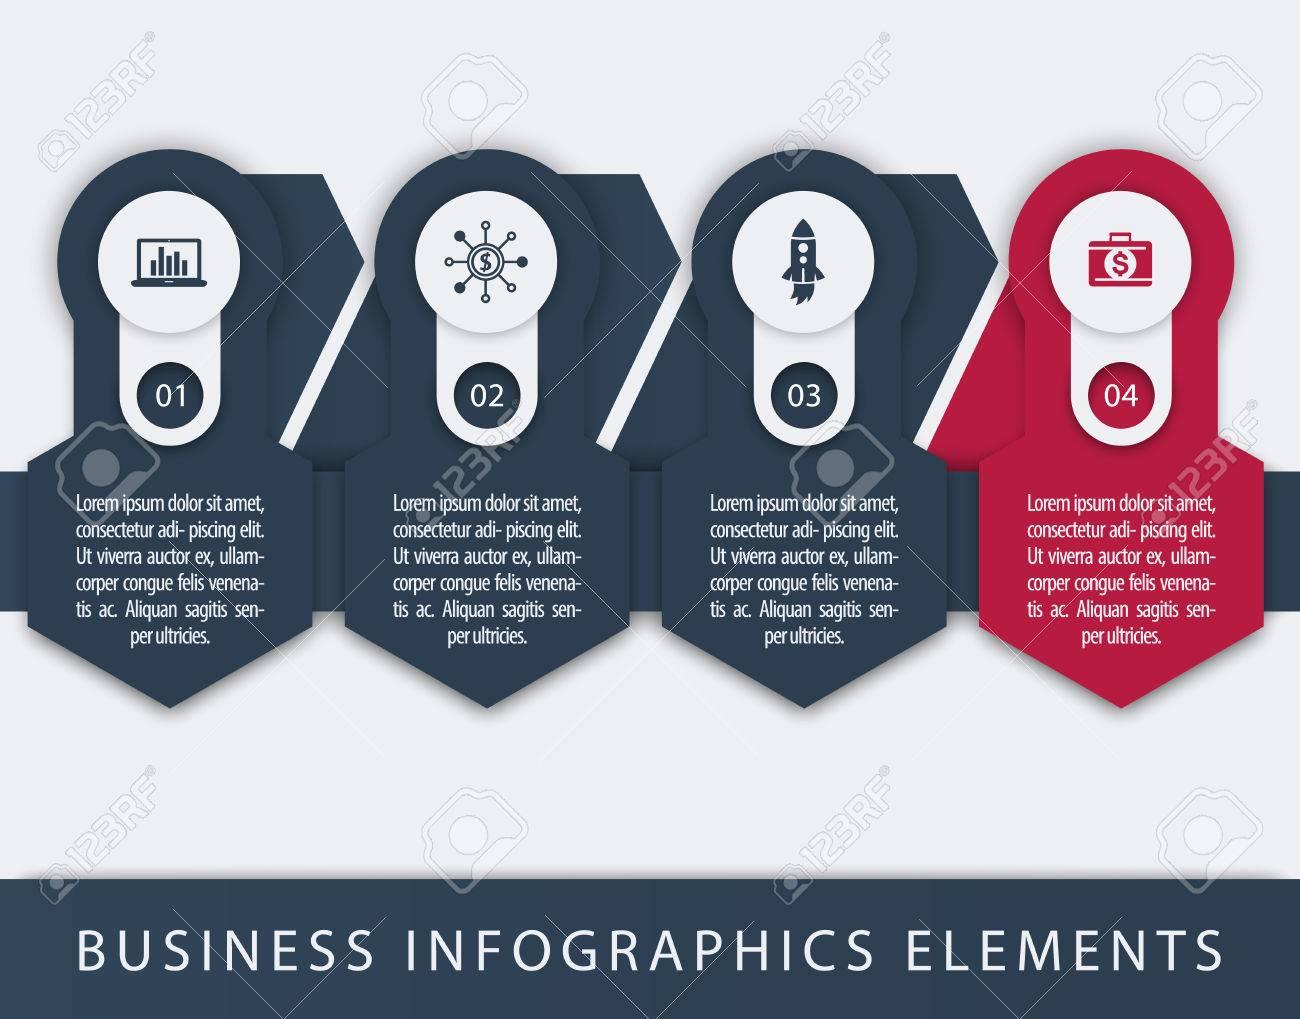 business finance infographics elements 1 2 3 4 steps timeline